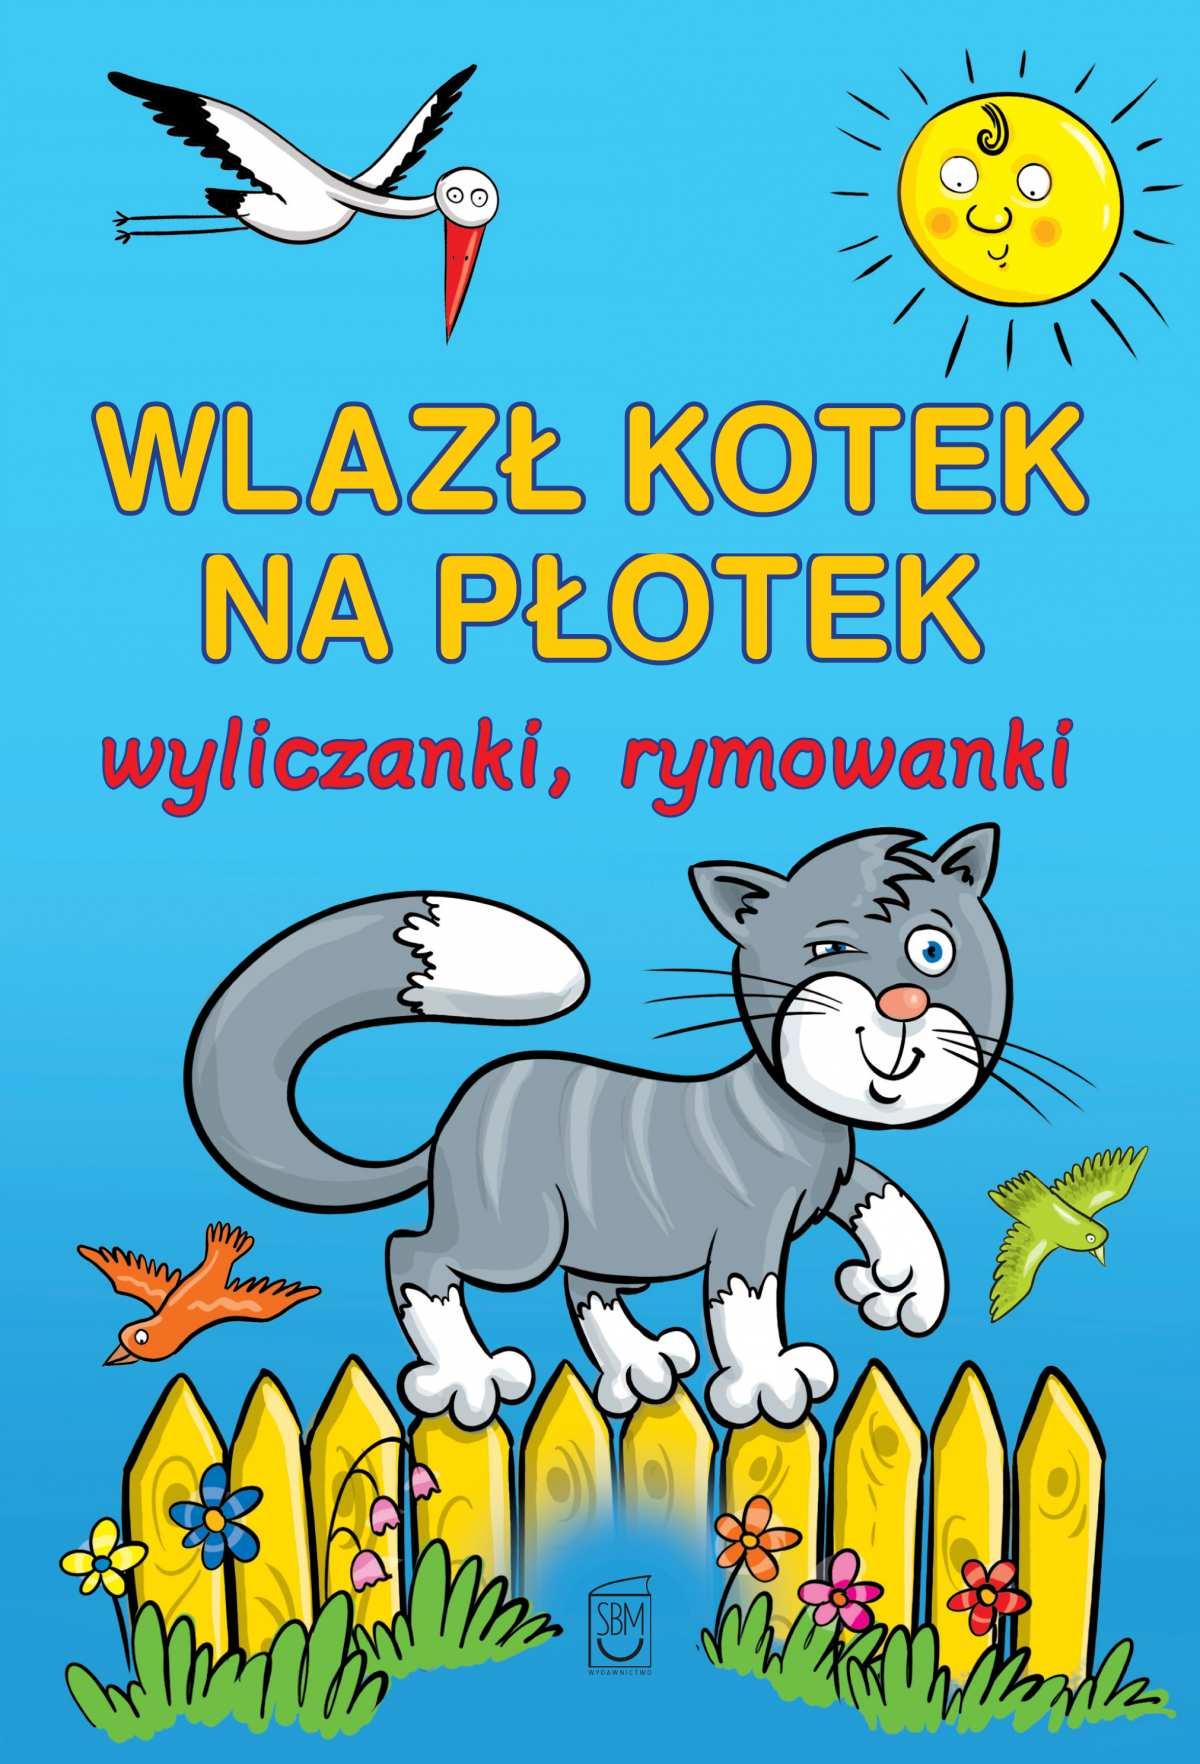 Wlazł kotek na płotek. Wyliczanki, rymowanki - Ebook (Książka EPUB) do pobrania w formacie EPUB